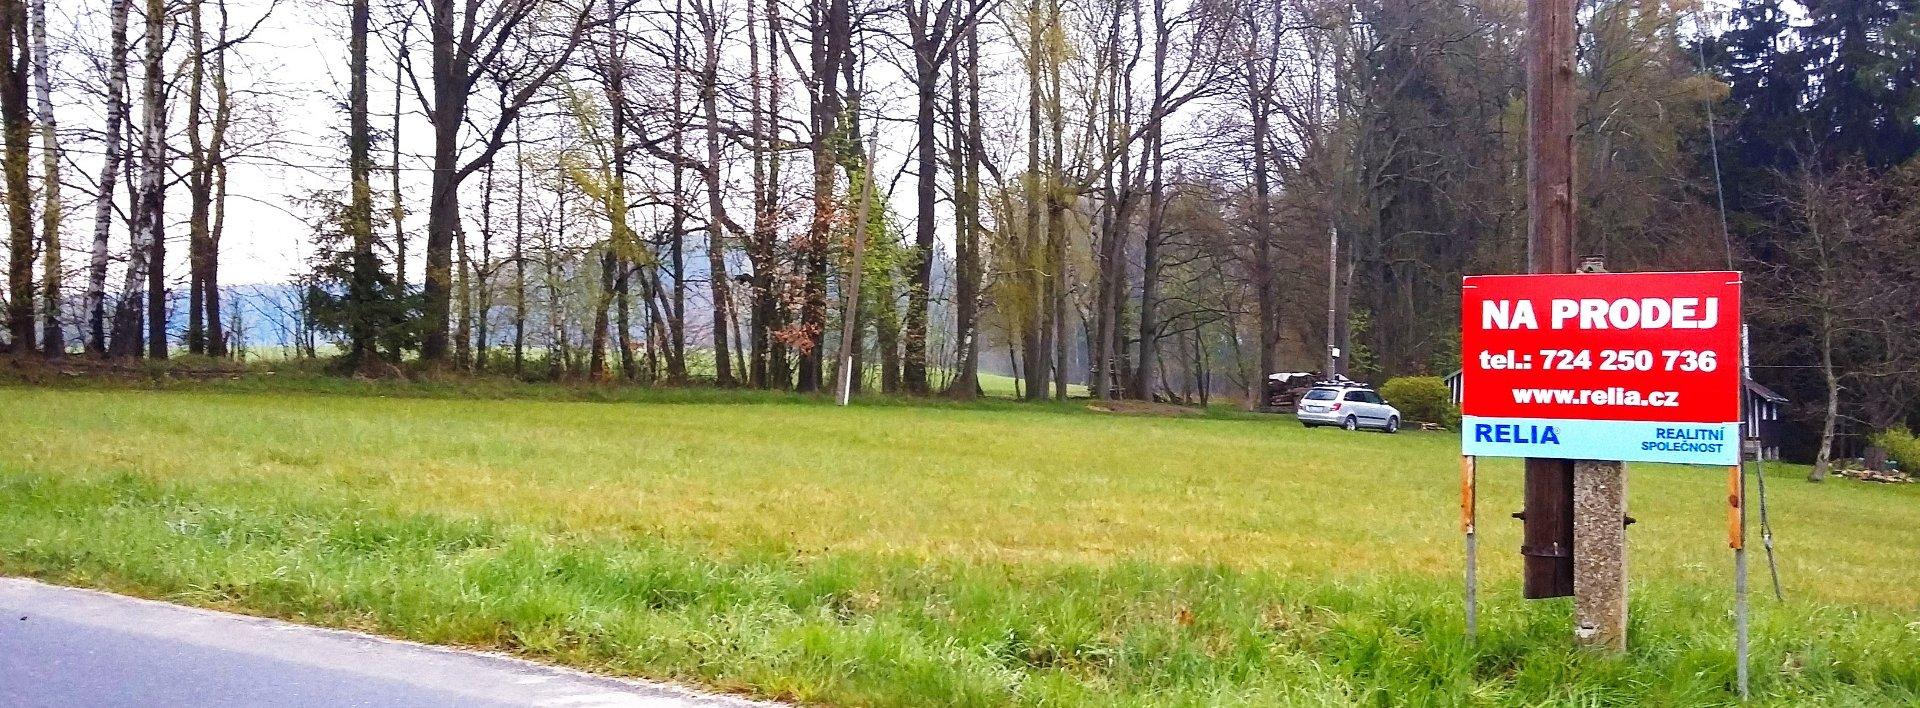 Prodej lukrativních pozemků v obci Jesenný u Semil